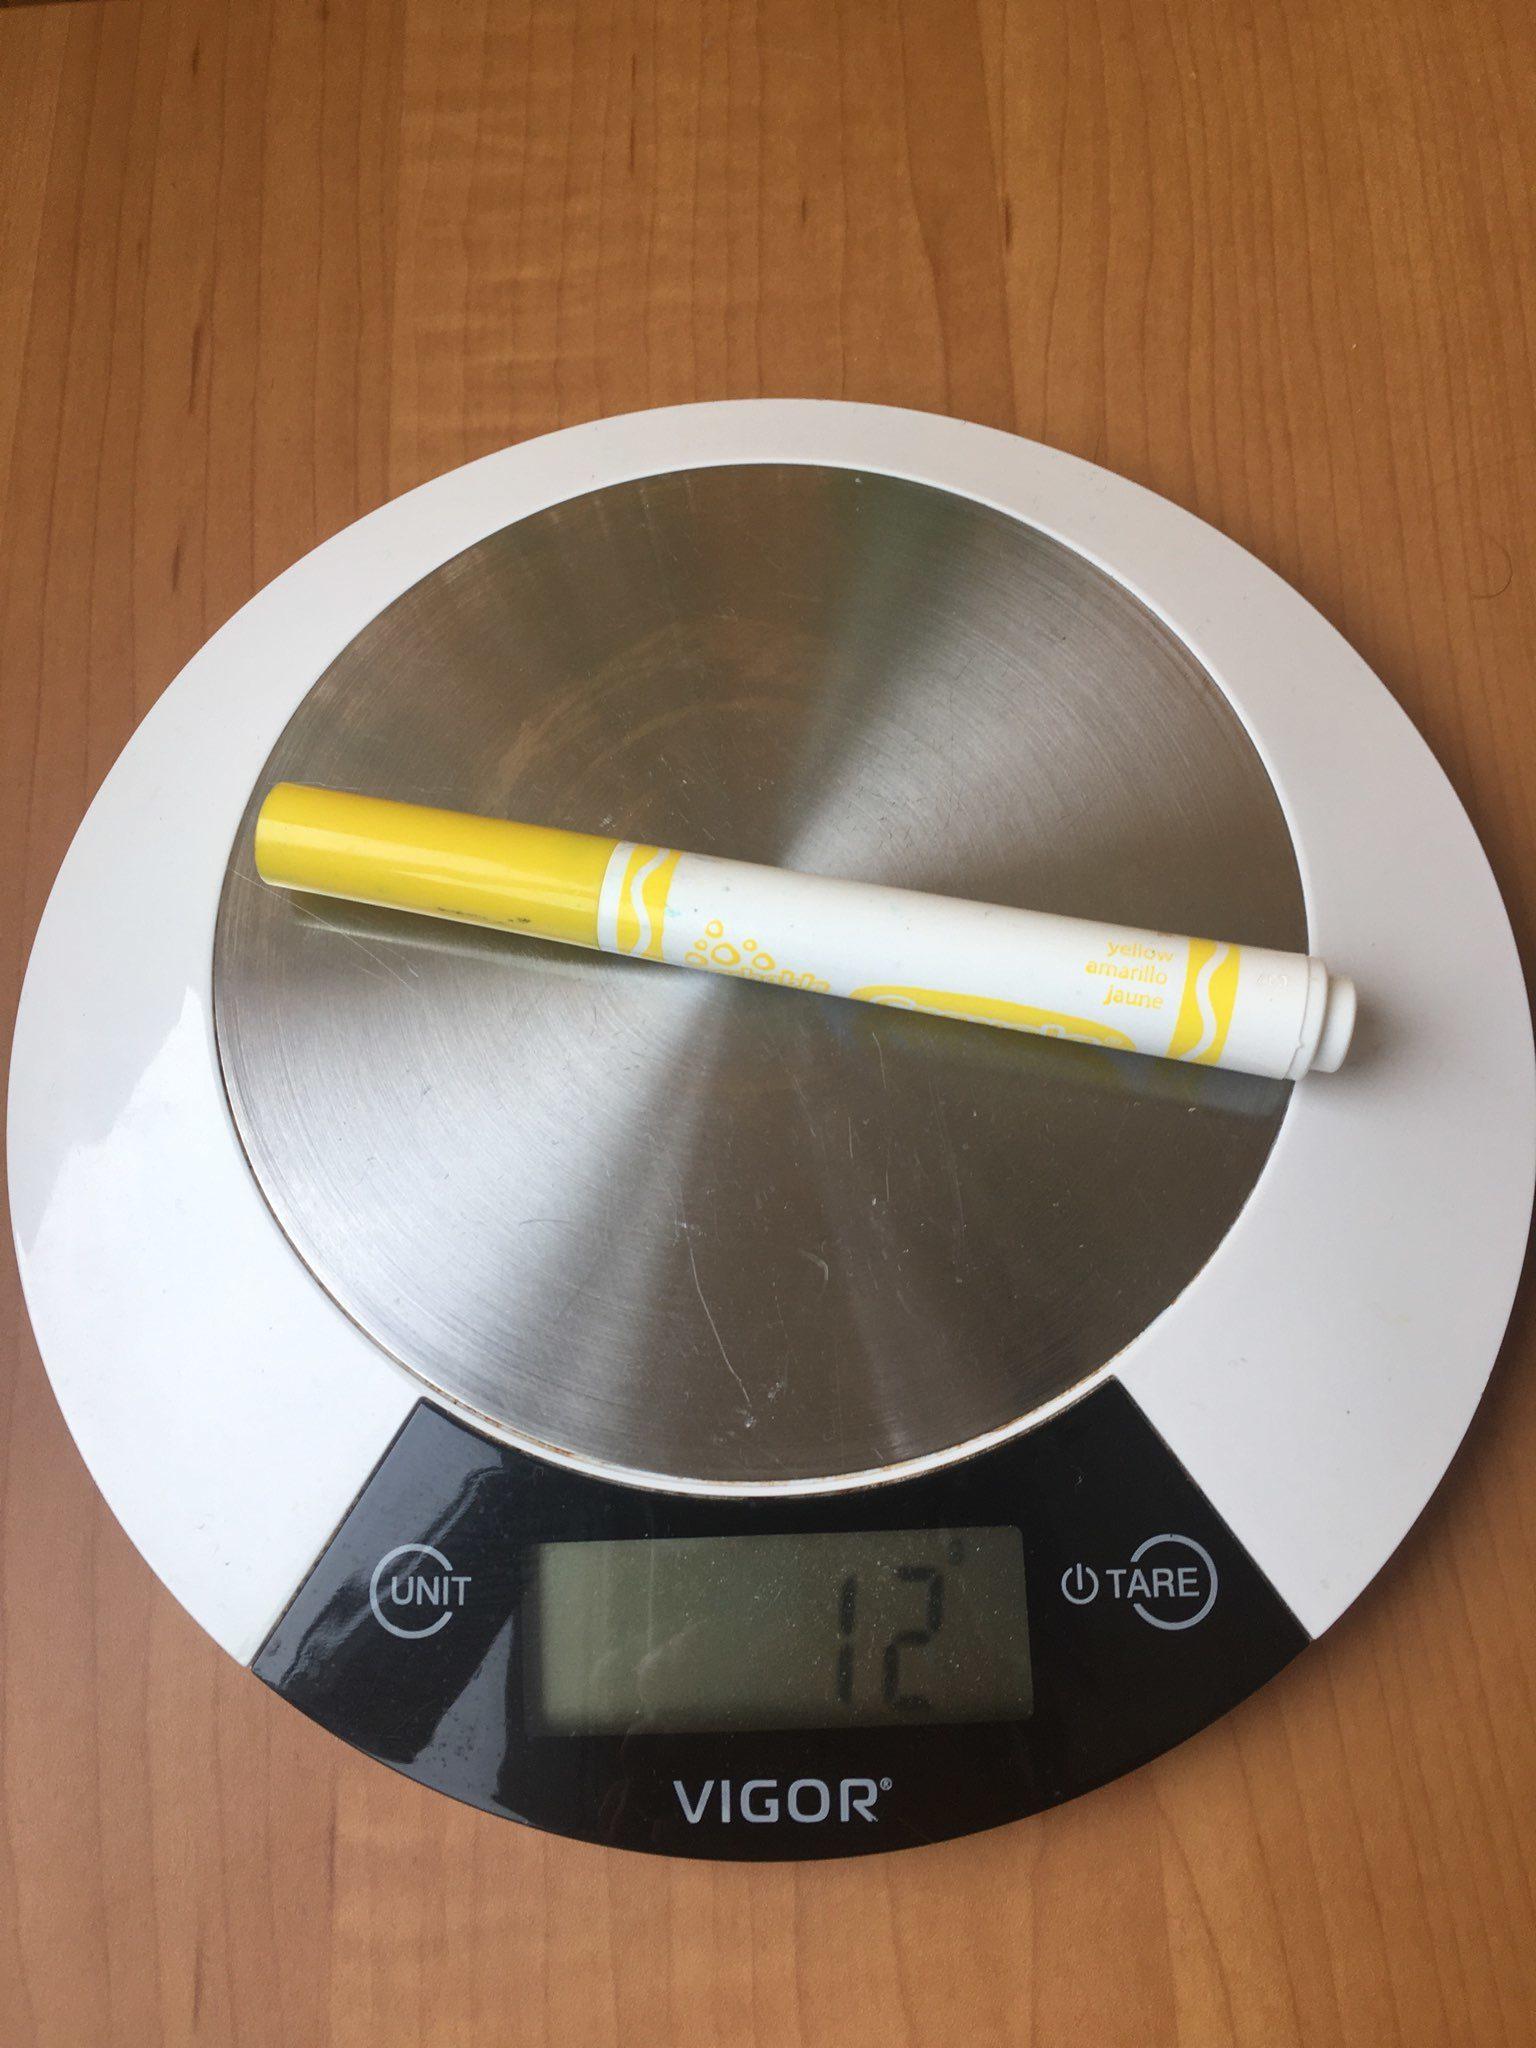 вес фломастера